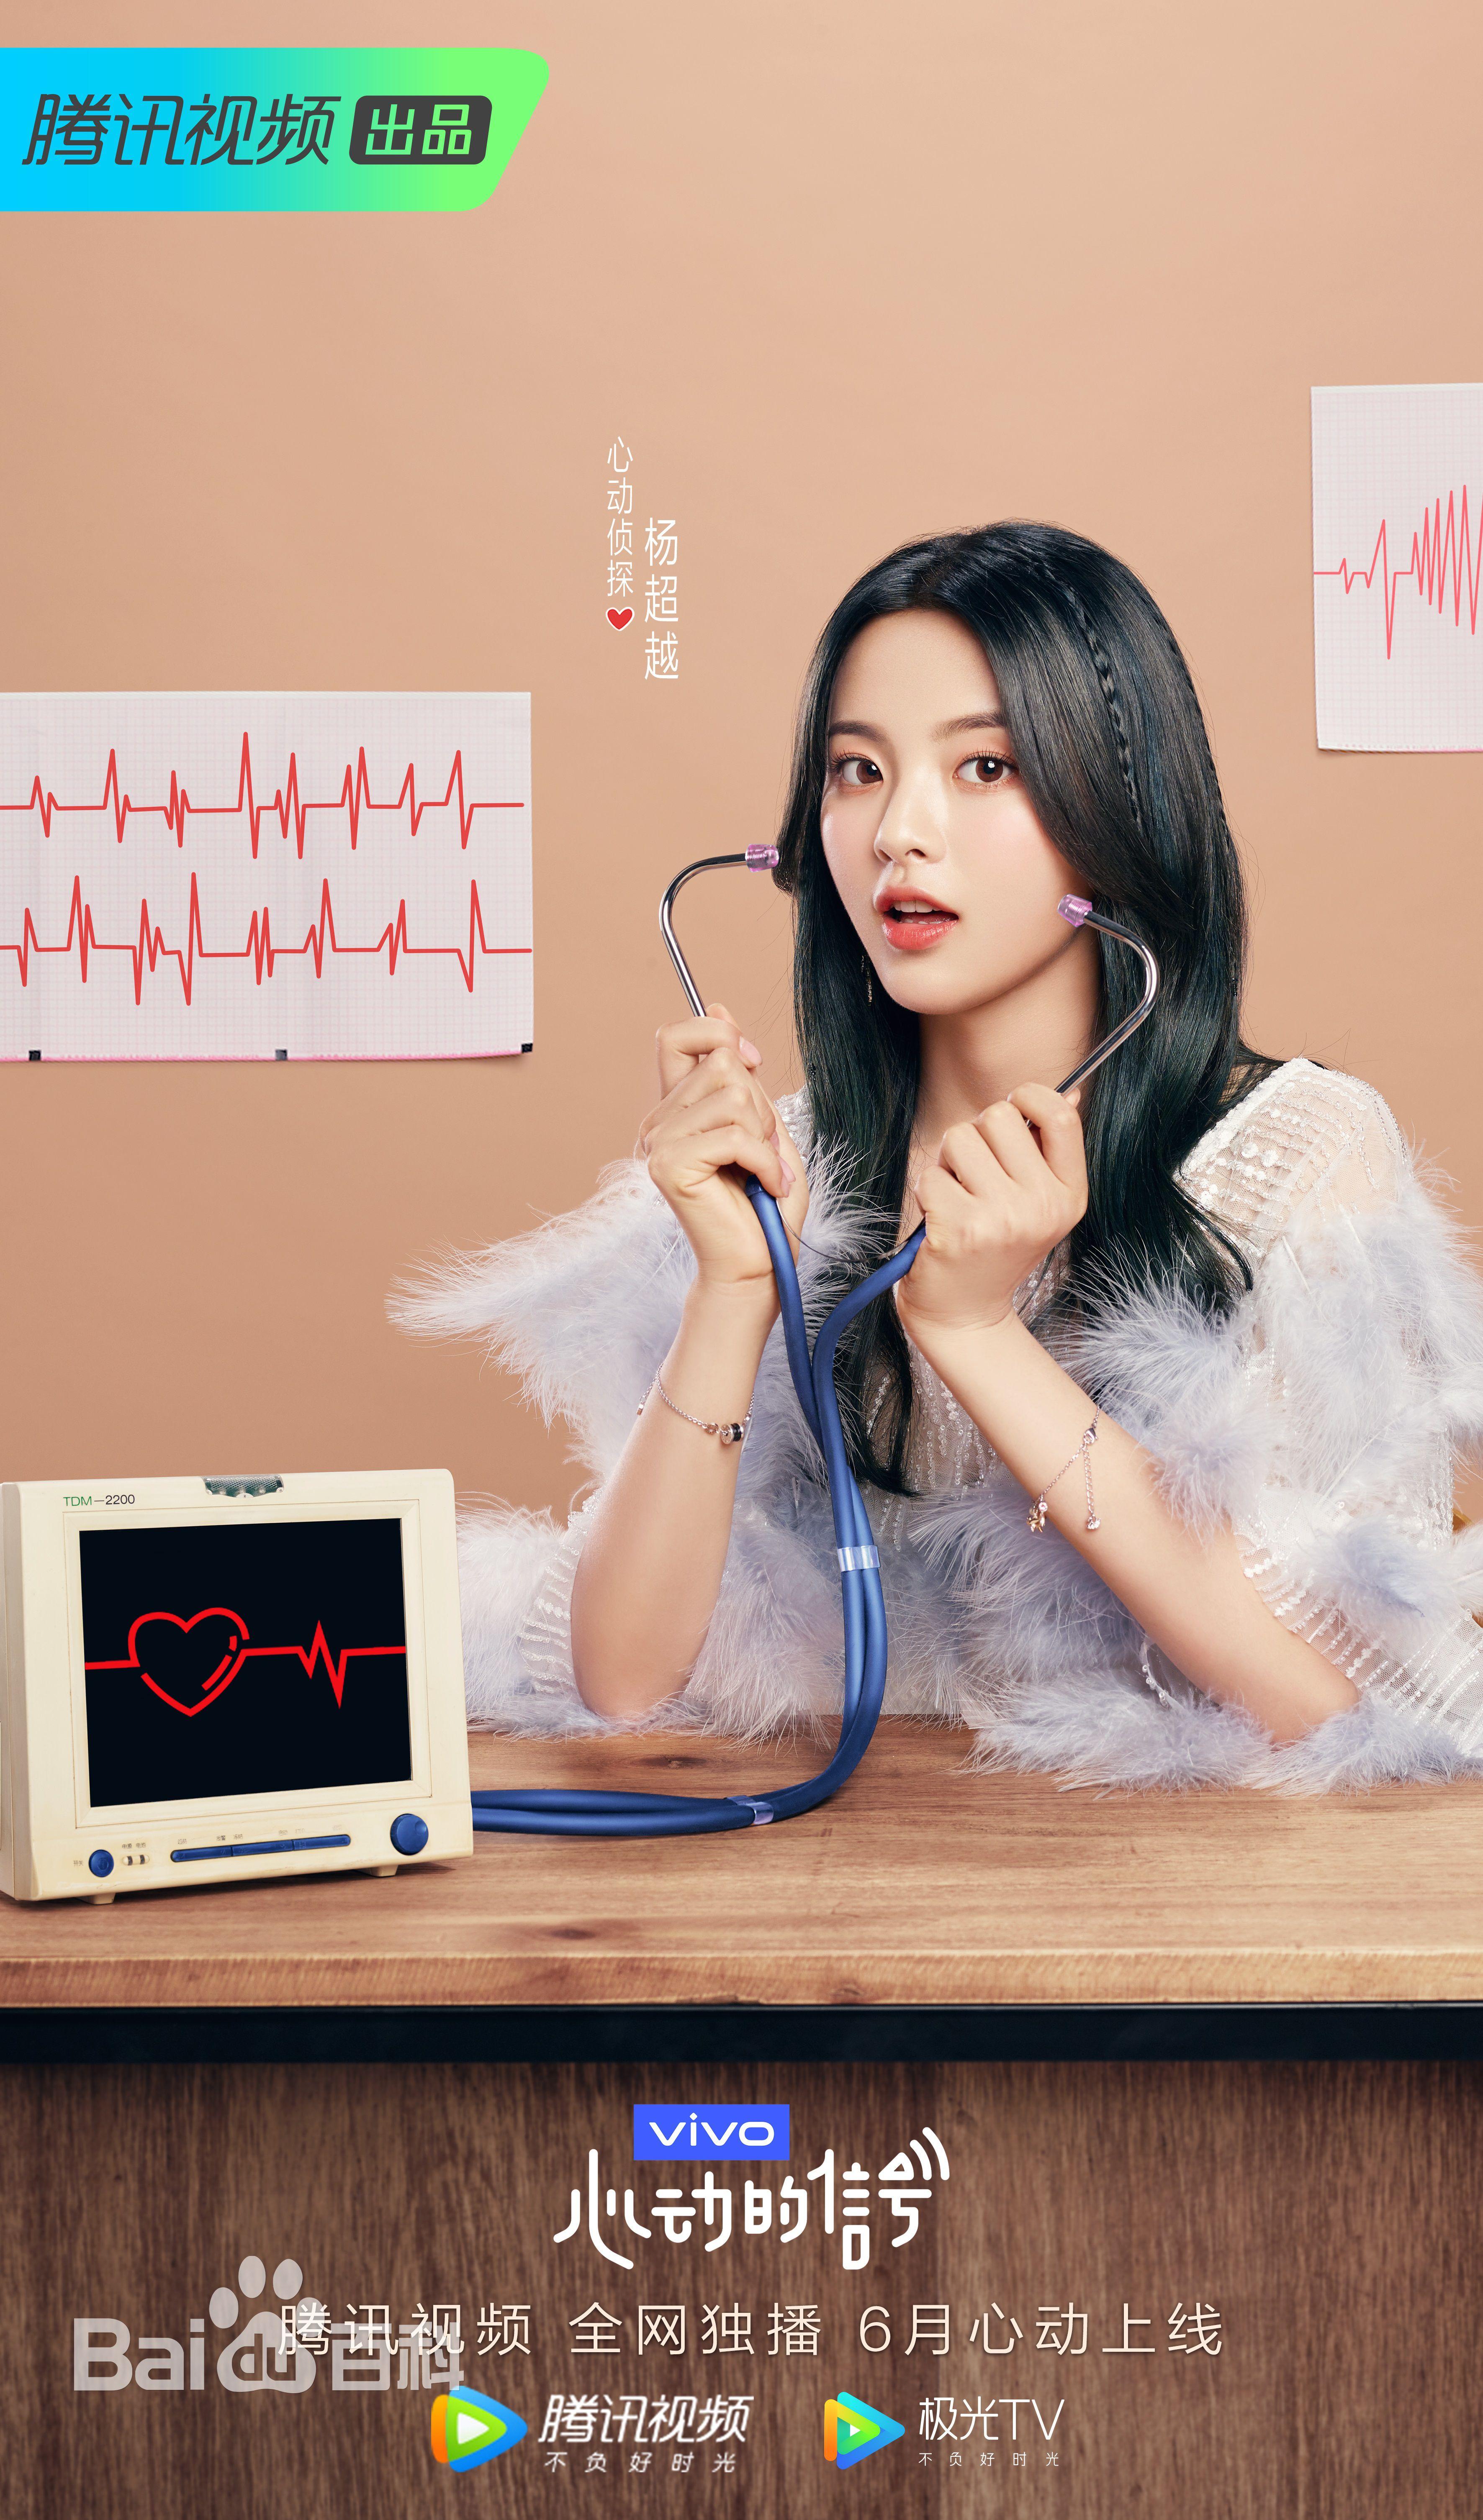 心動的信號2楊超越化身活寶大咖    心動的信號2楊超越什么情況